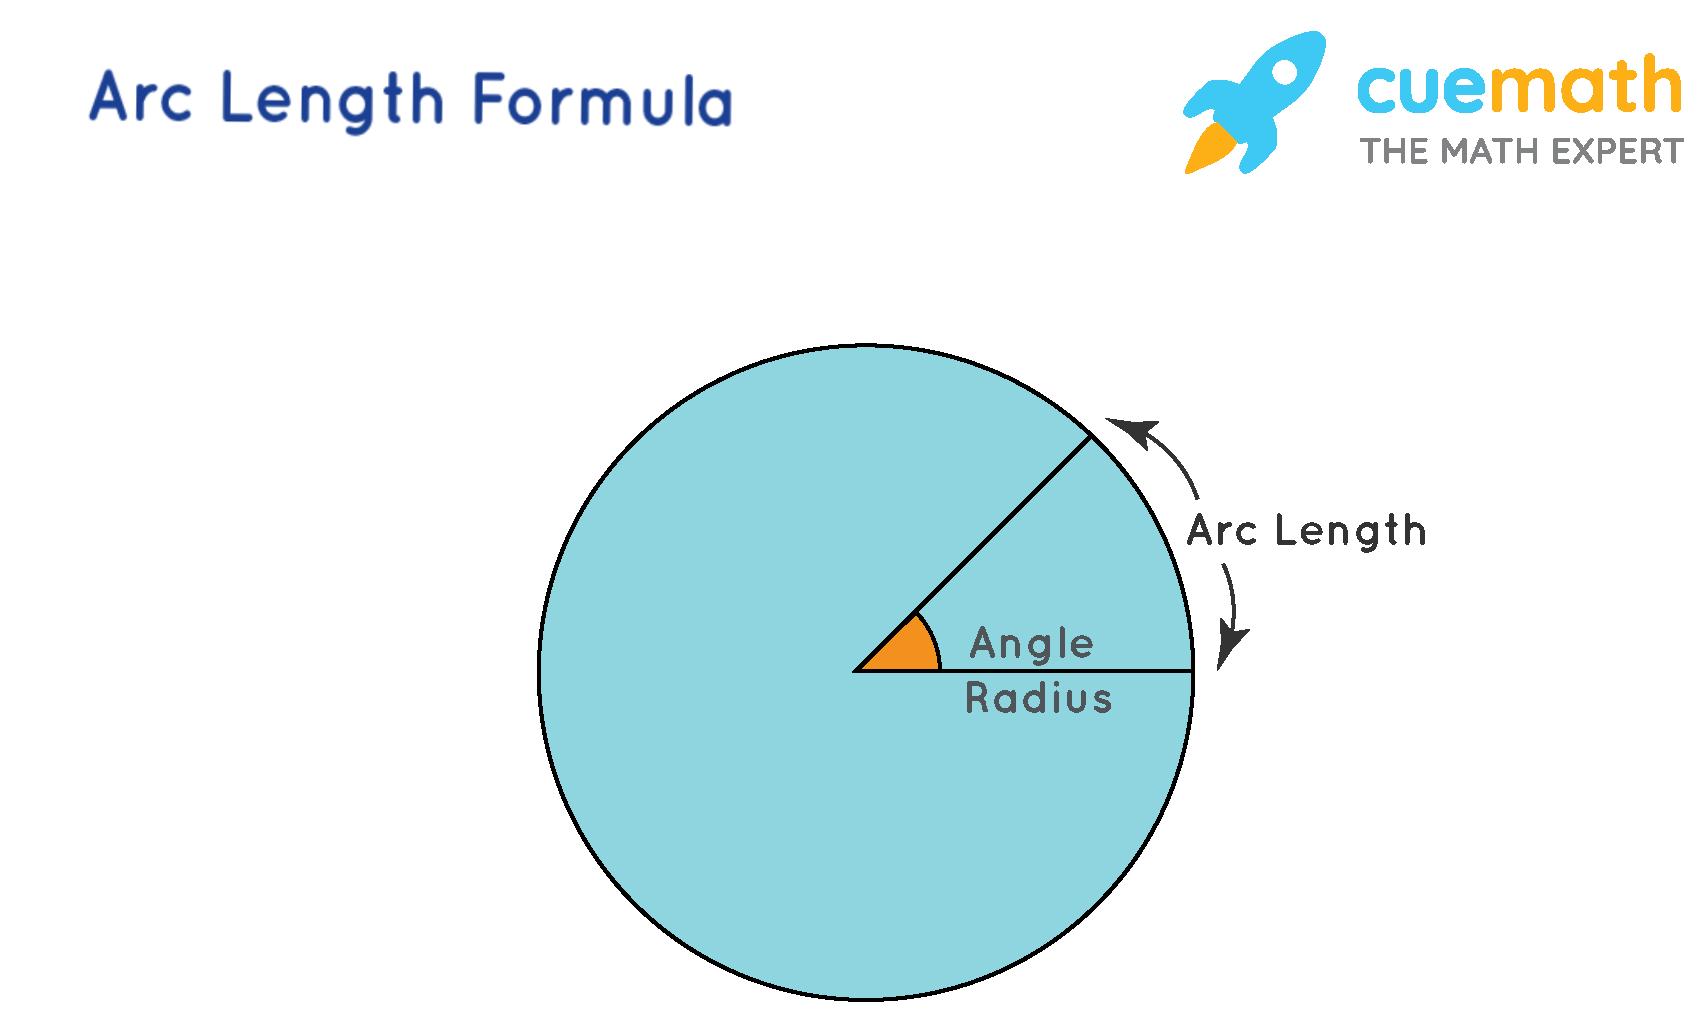 Formula for Arc Length